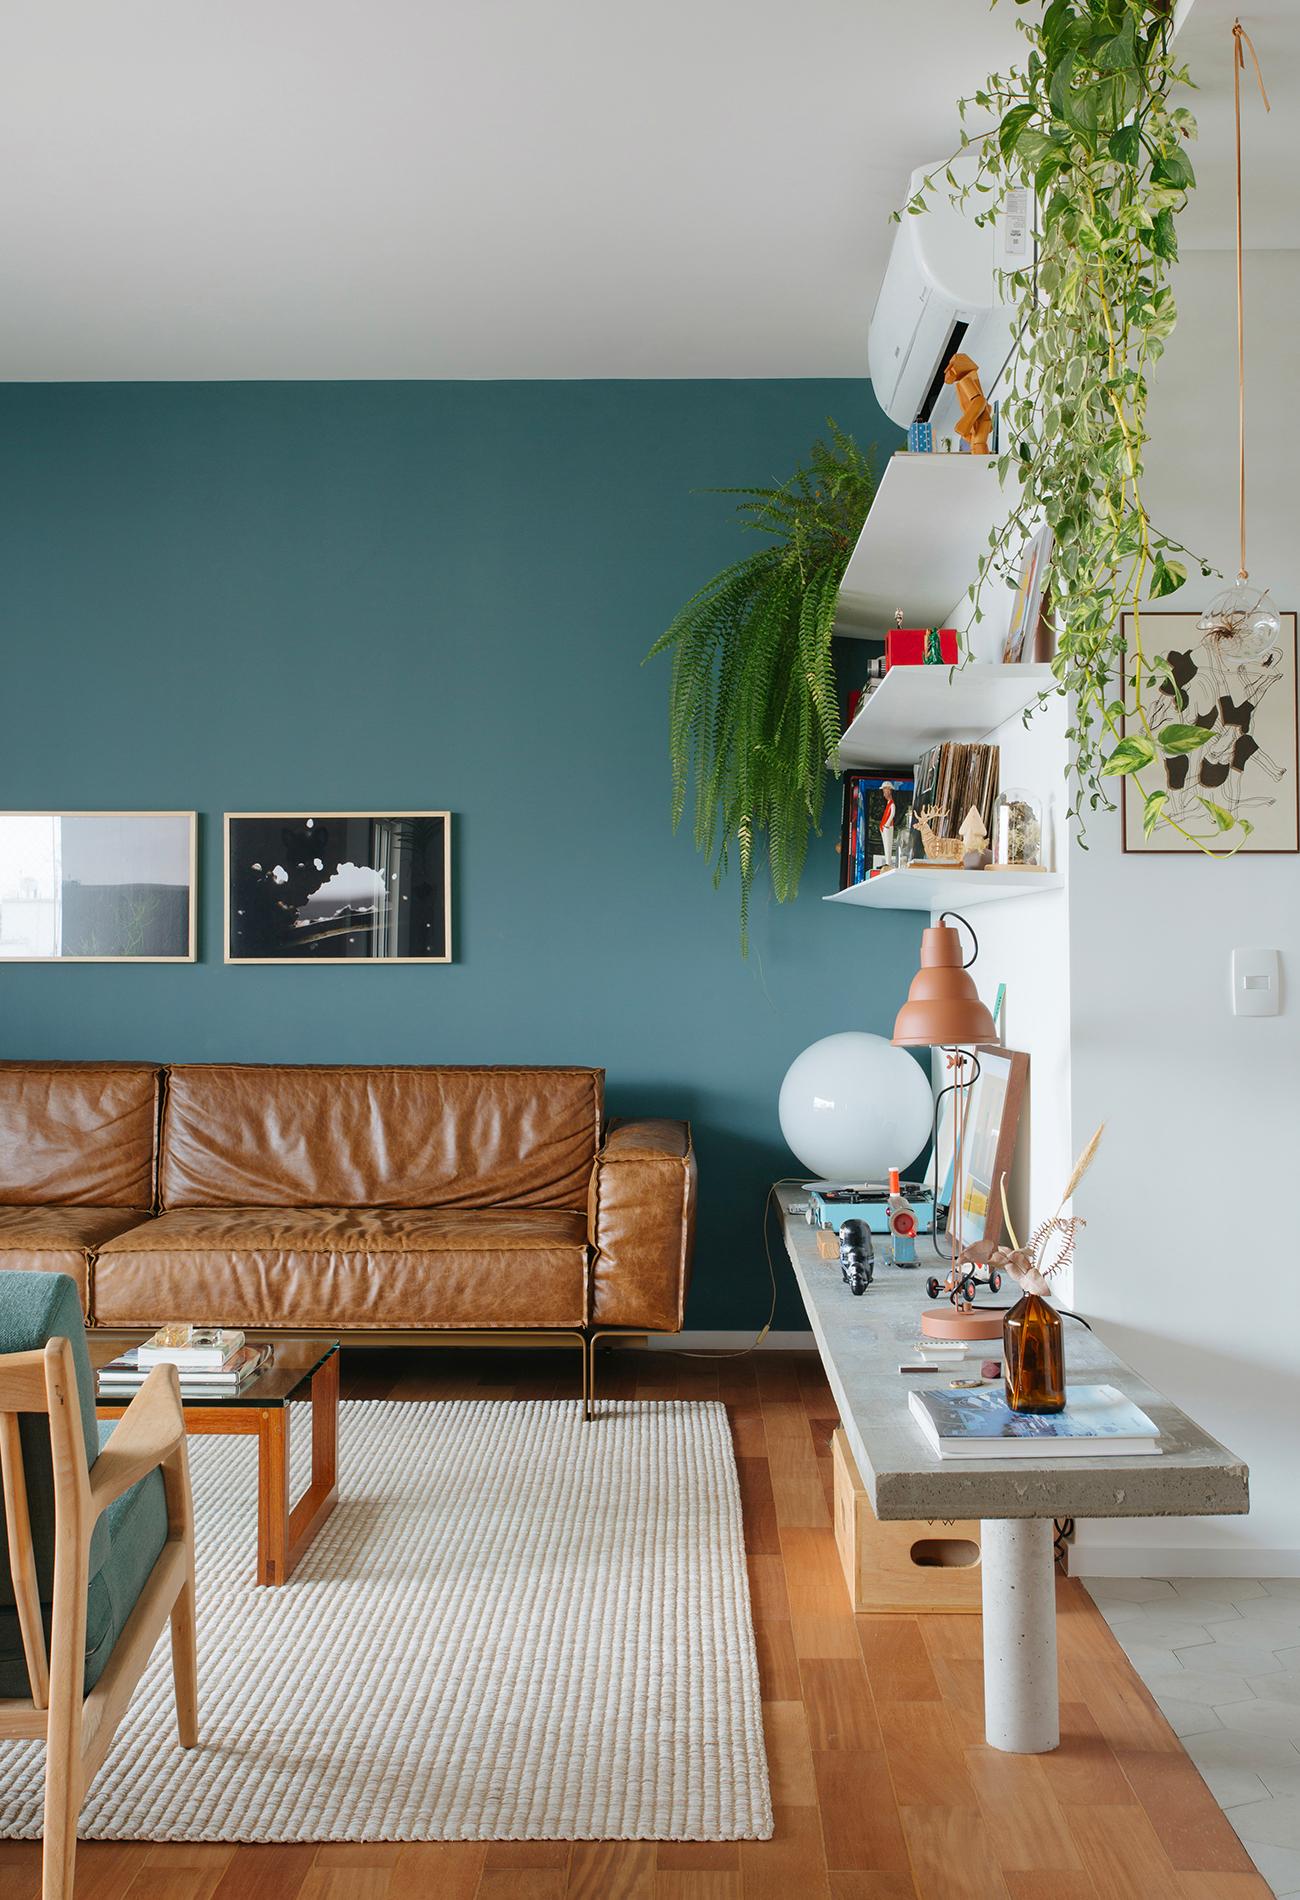 Sala com parede colorida e banco de concreto